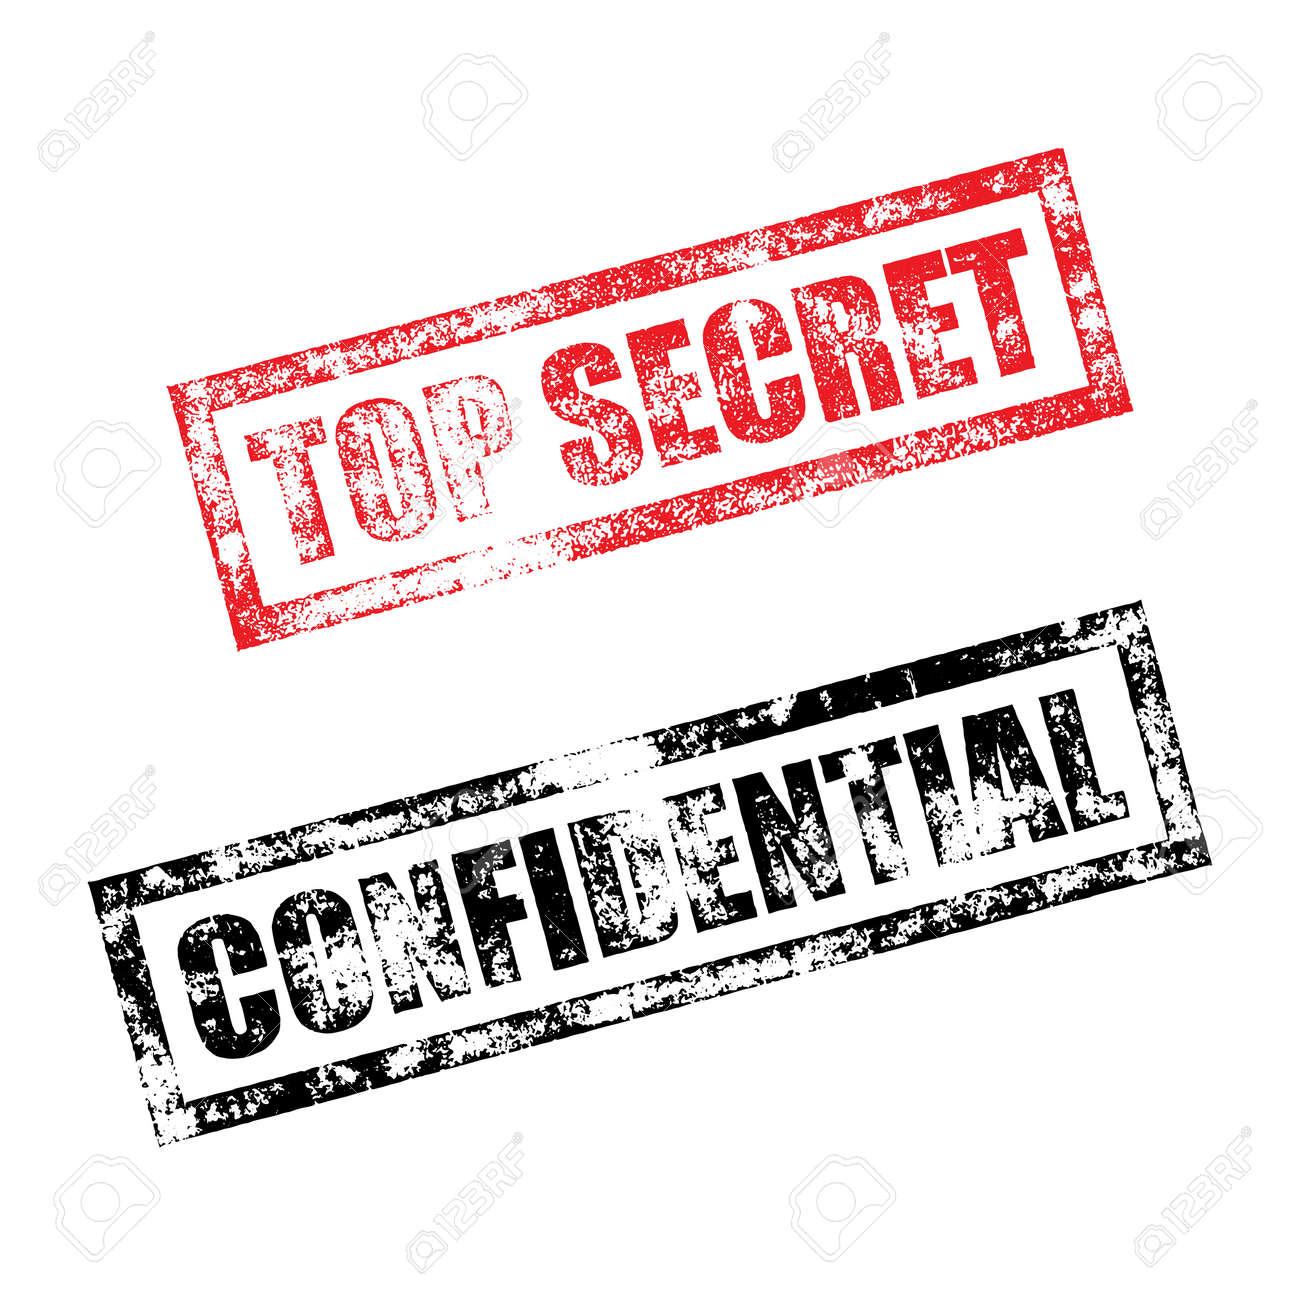 Top Secret Stamp Of Red Grunge Square Vintage Rubber Print Confidential Black File